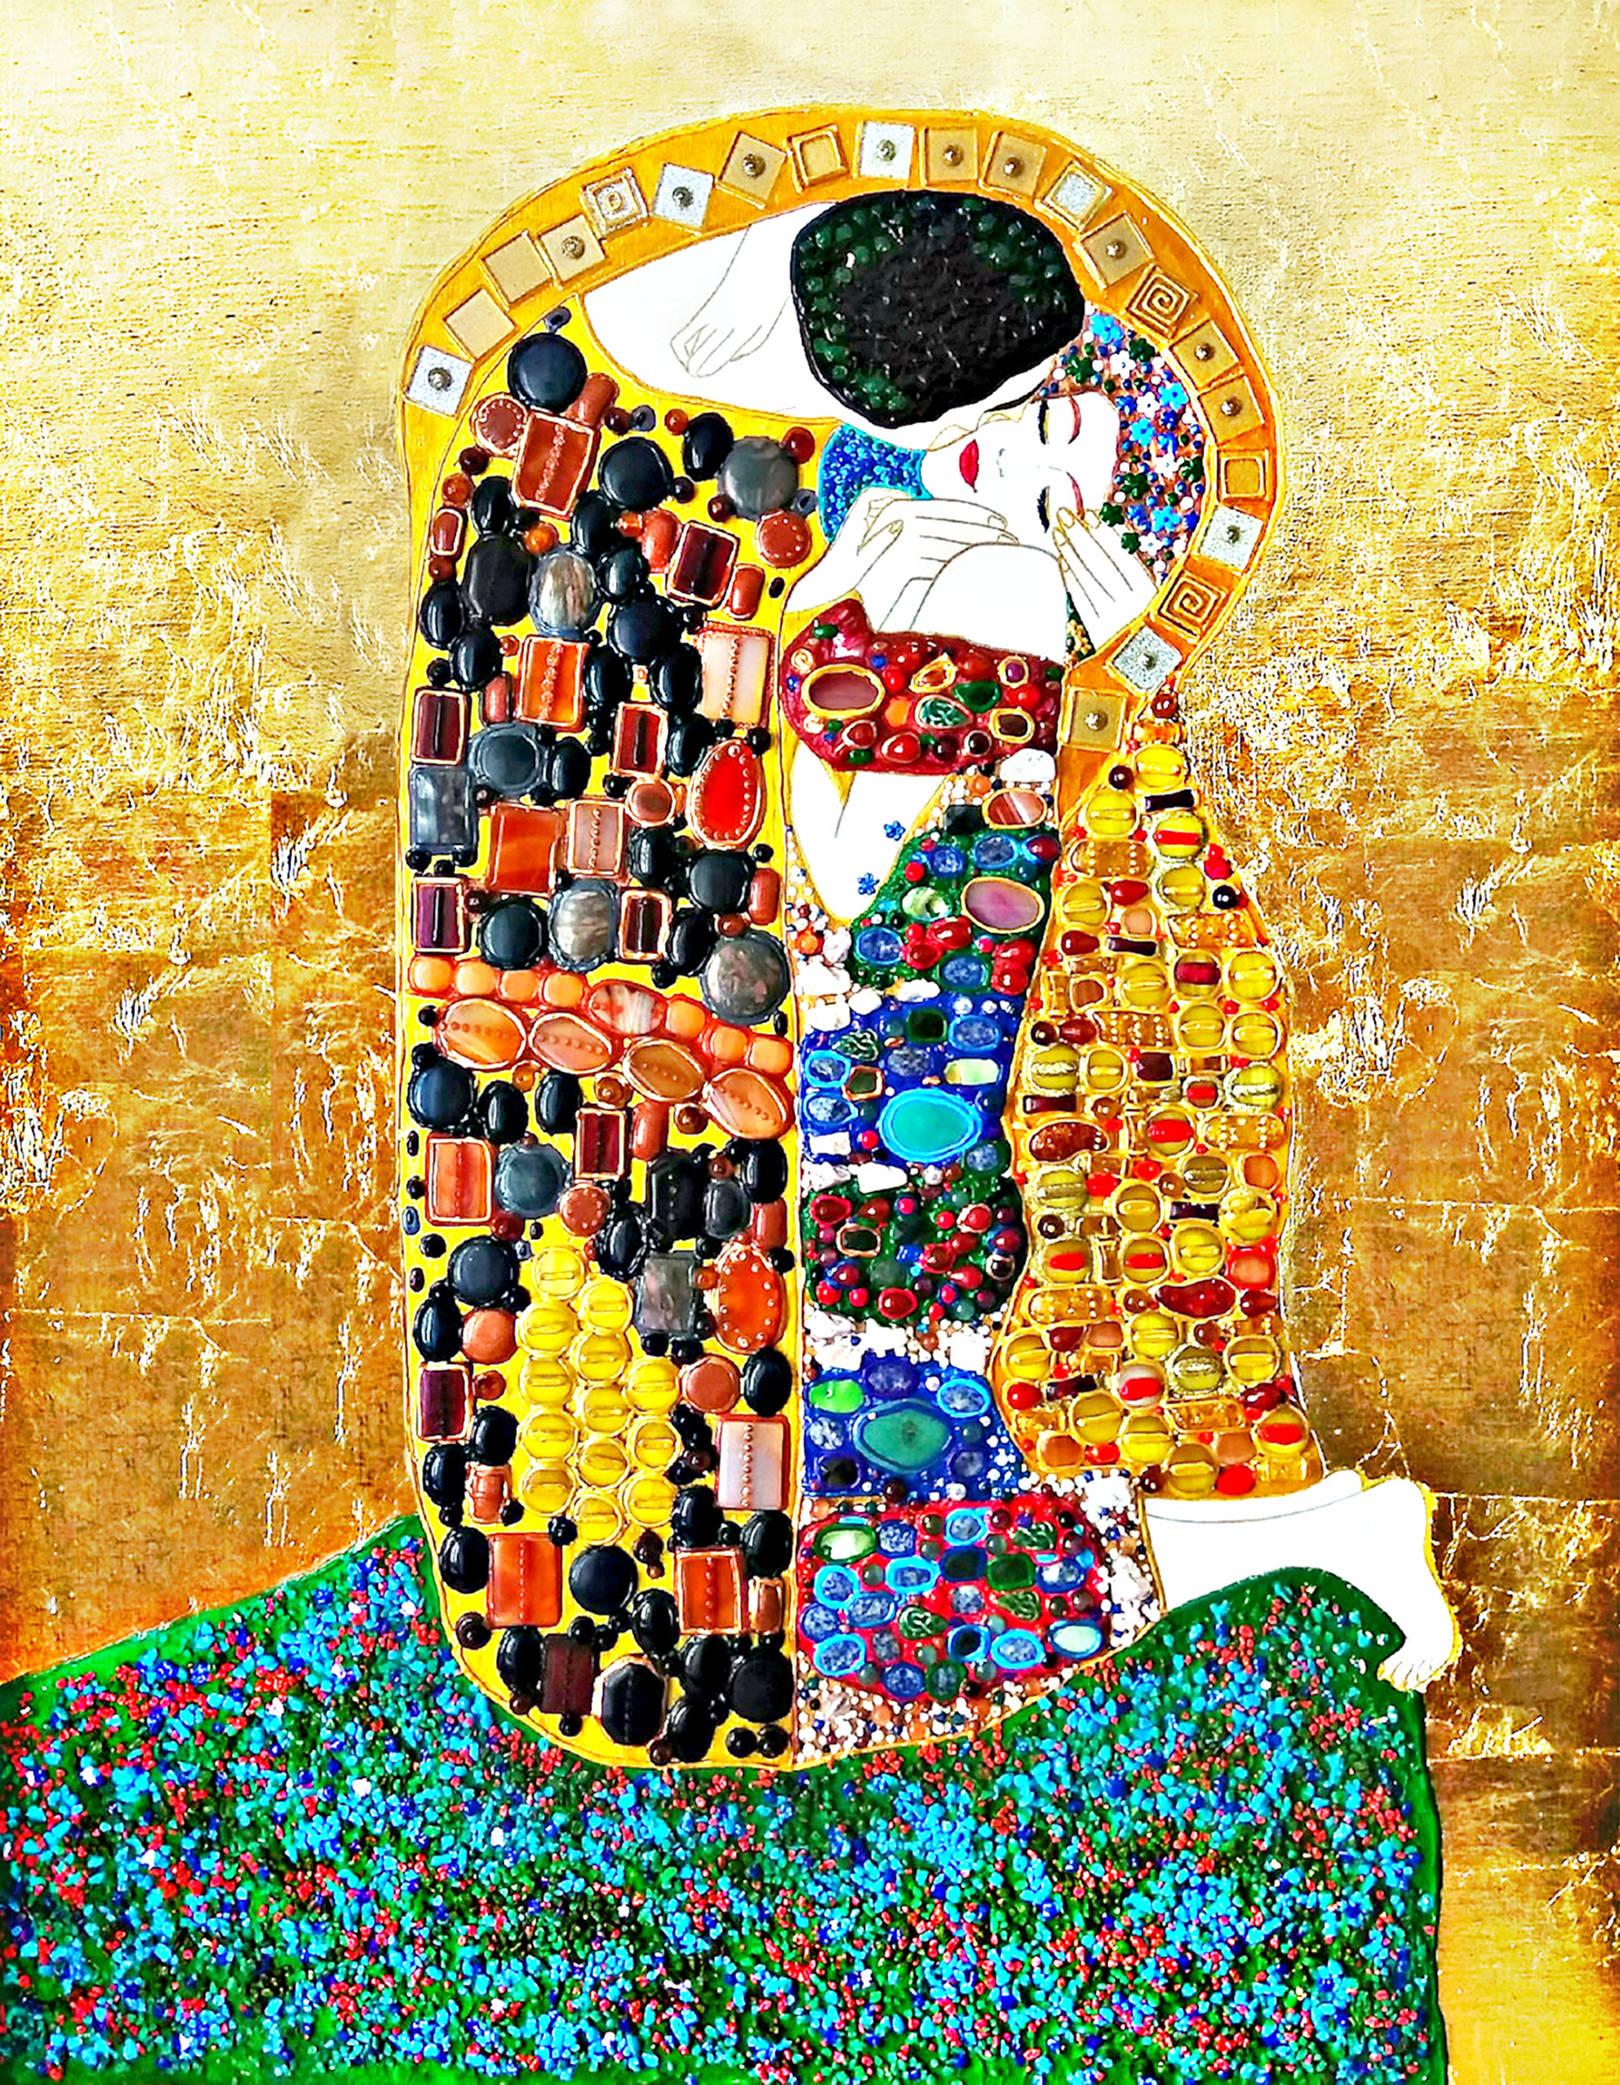 Акрил, холст, рельефные контуры, золотая поталь, Муранское стекло, золотая и зеркальная мозаика, агат, сердолик, авантюрин, бирюза, красный коралл, янтарь, малахит, яшма, розовый кварц, родонит, лунный камень, халцедон, хризолит, говлит, хрусталь, амазонит, жадеит, унакит